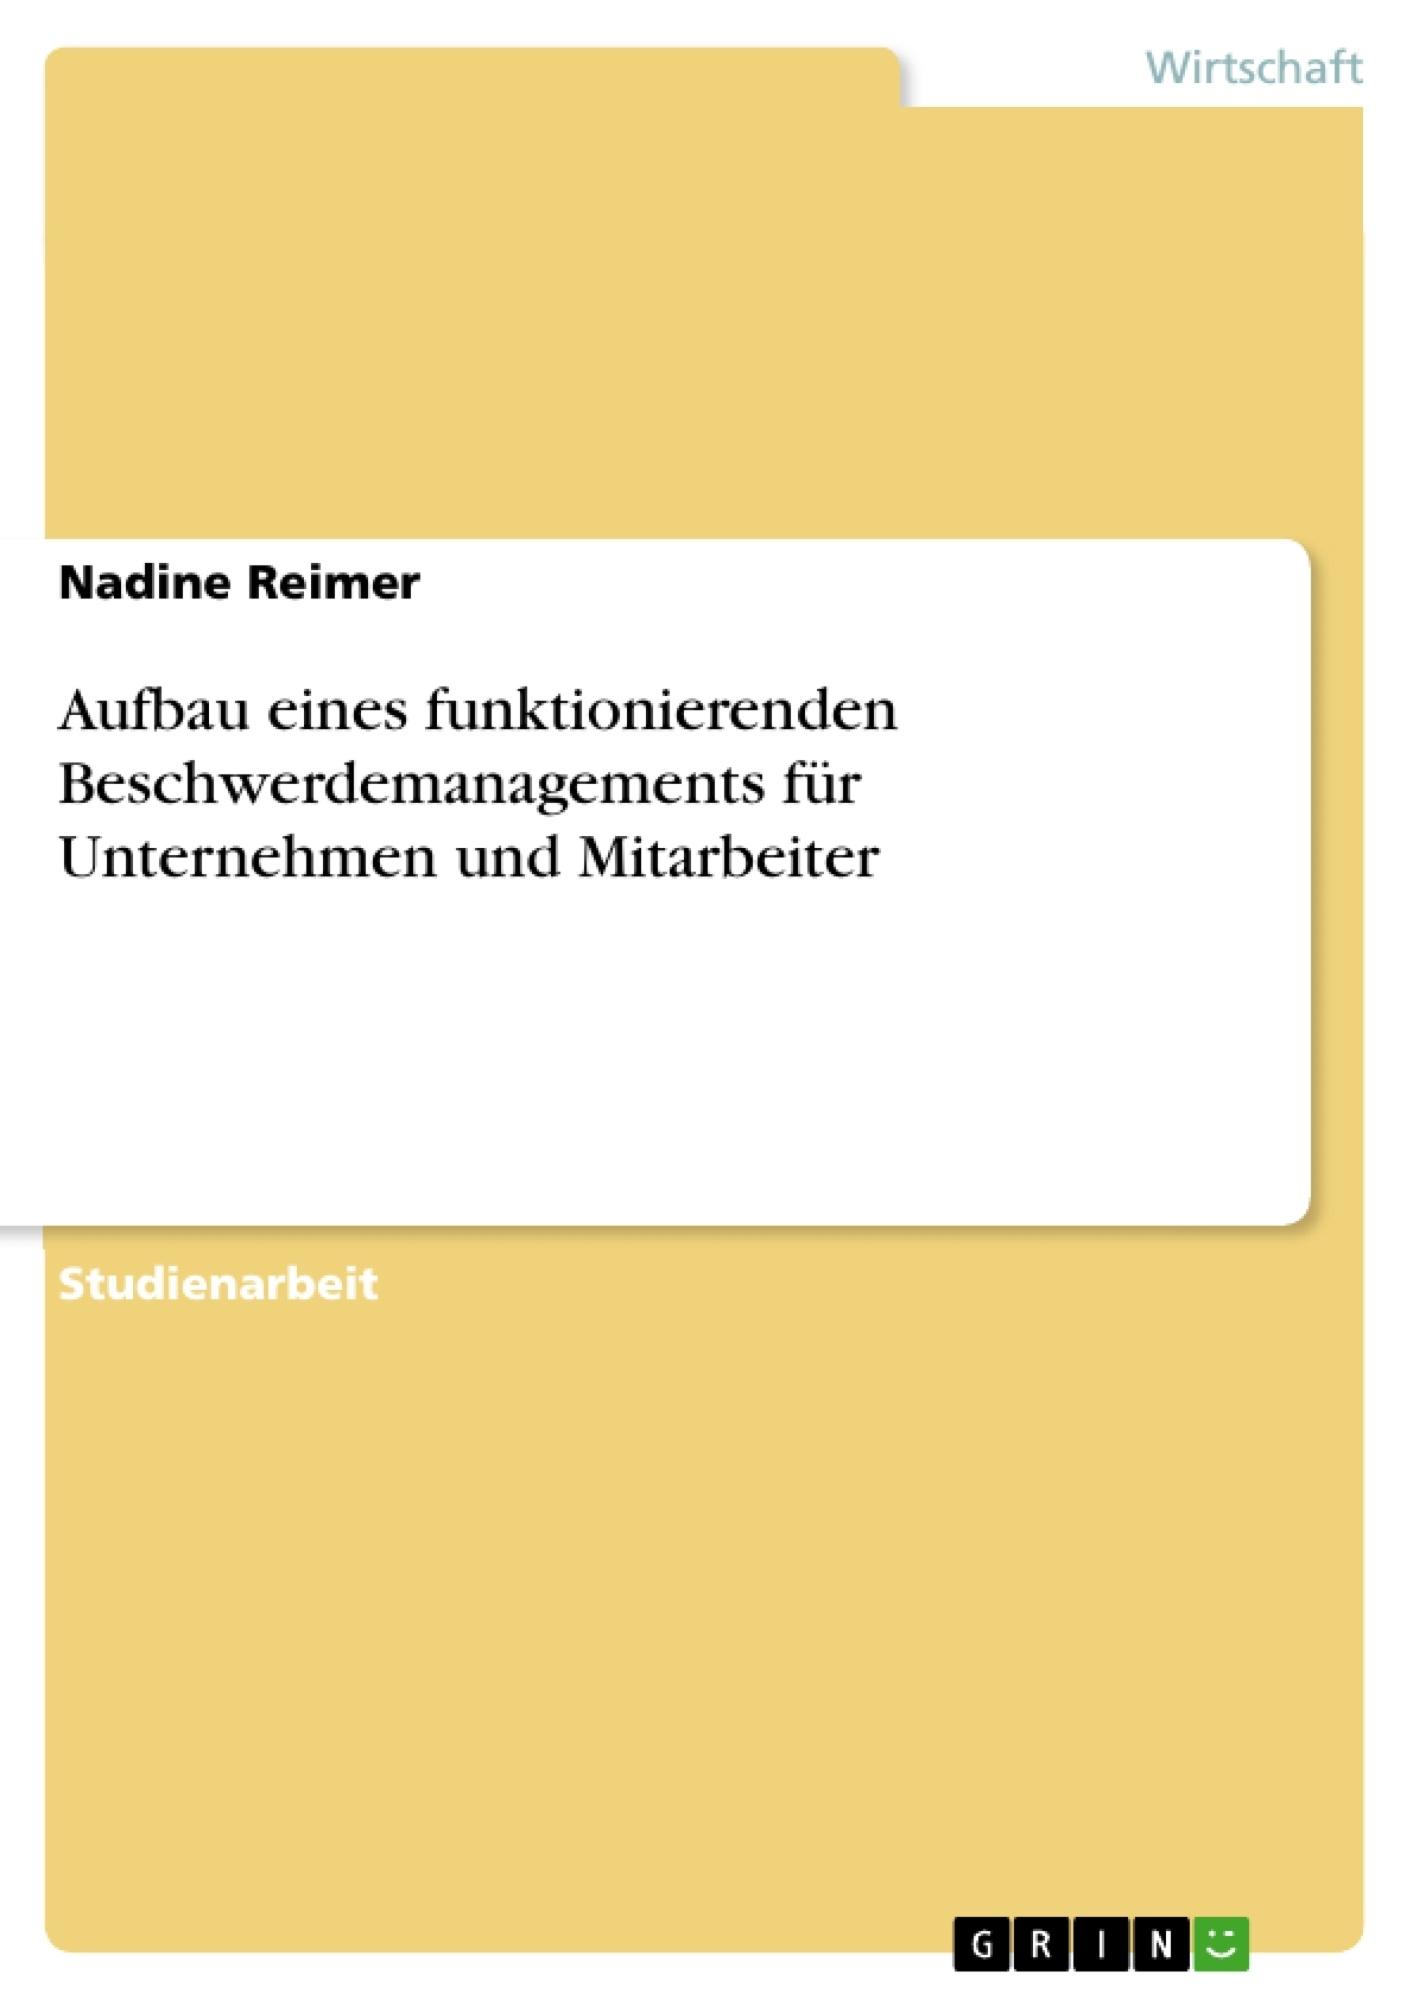 Titel: Aufbau eines funktionierenden Beschwerdemanagements für Unternehmen und Mitarbeiter